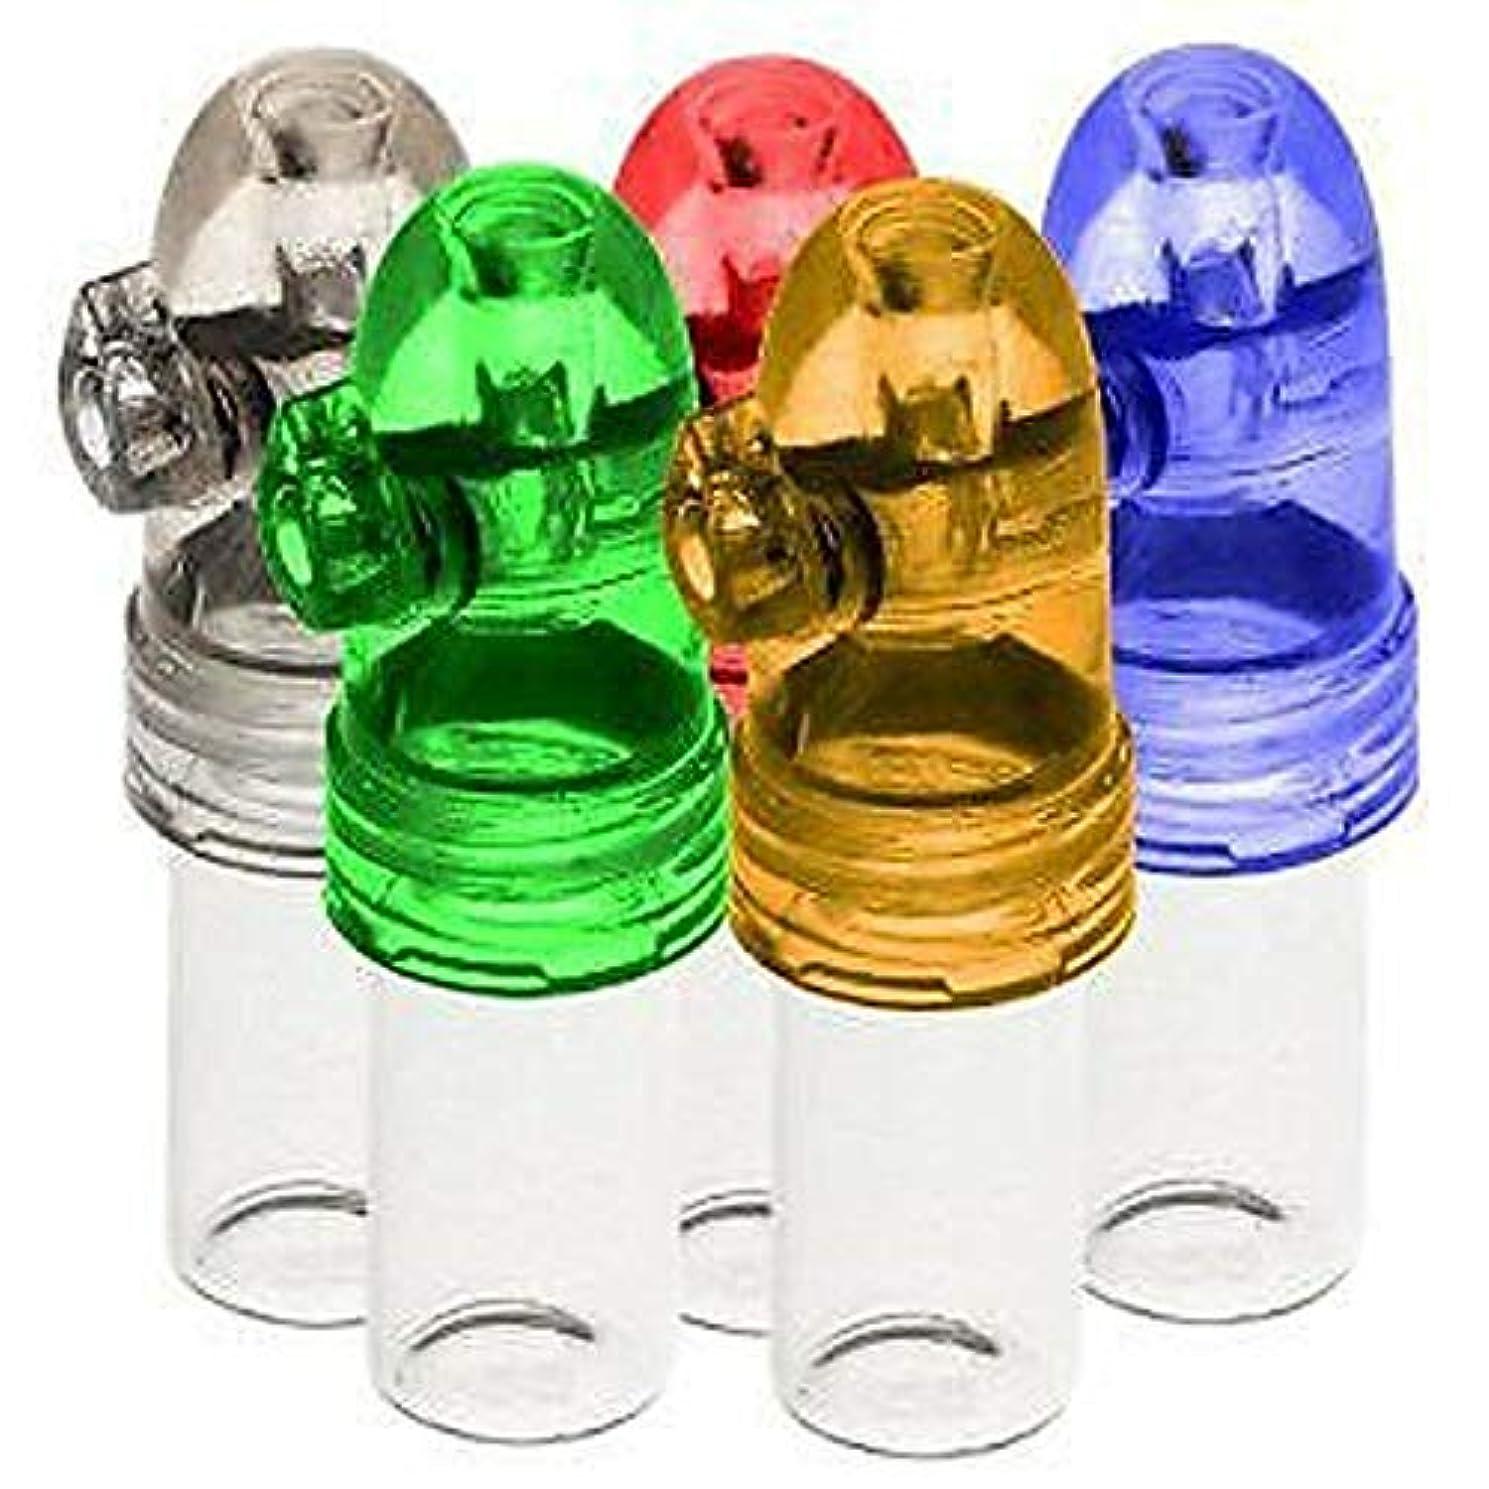 分類乳白冷酷なPichidr-JP スナッフブレット スナフボトル スノーターブレットロケットシェイプ 鼻の嗅ぎ ガラスボトル、クリア